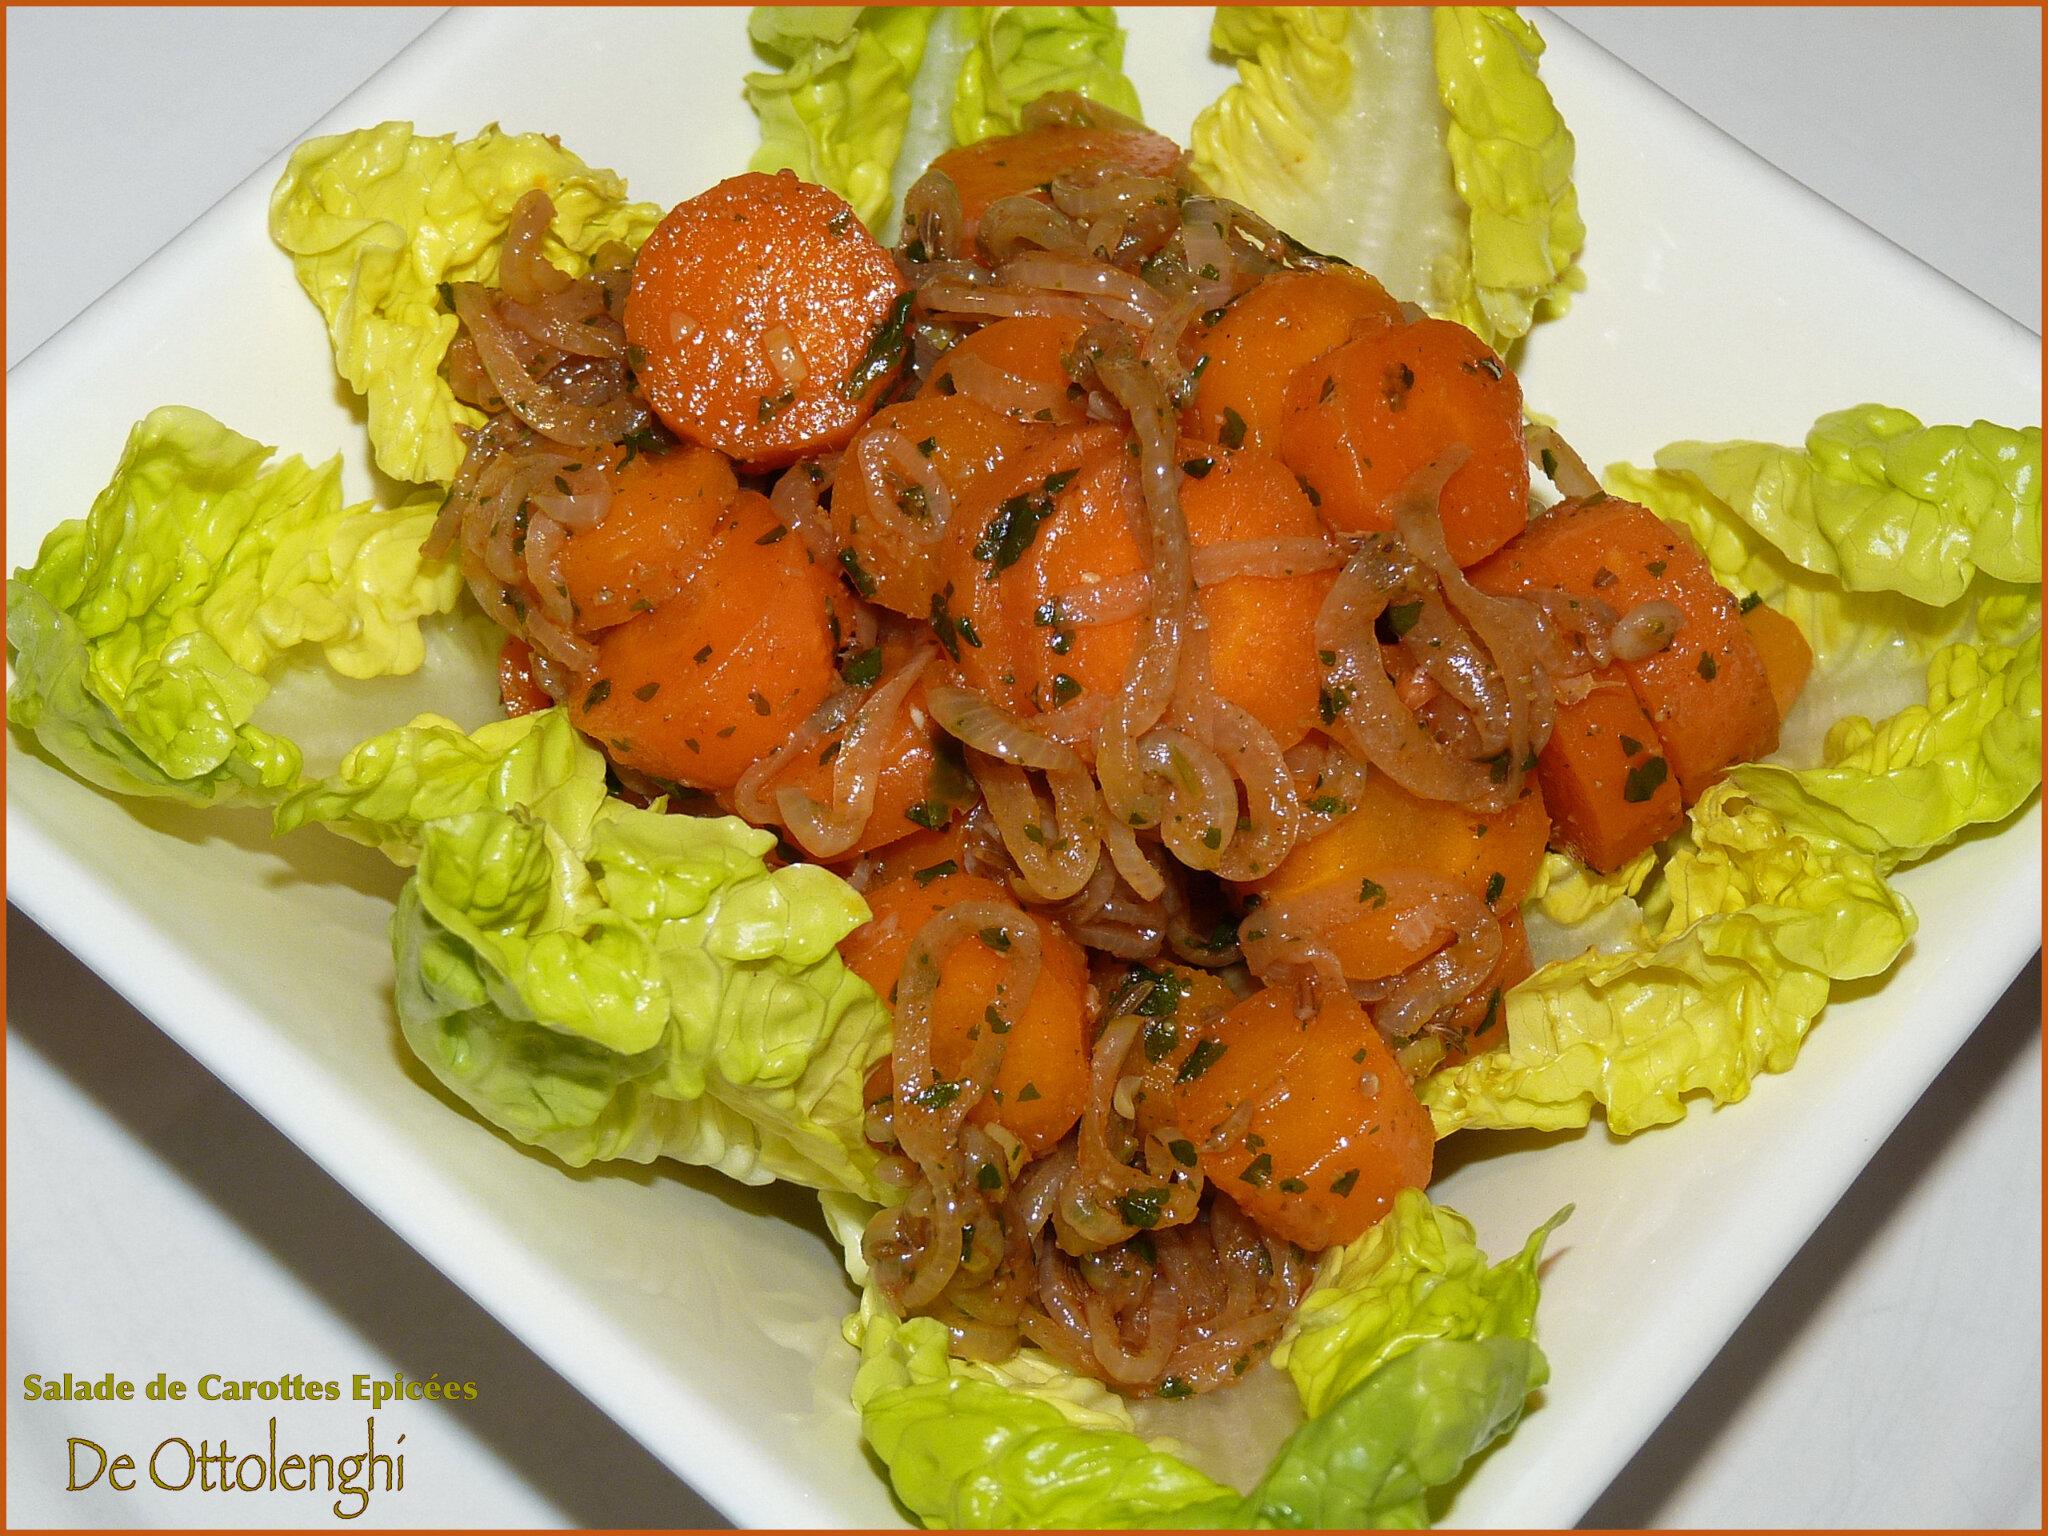 salade de carottes1